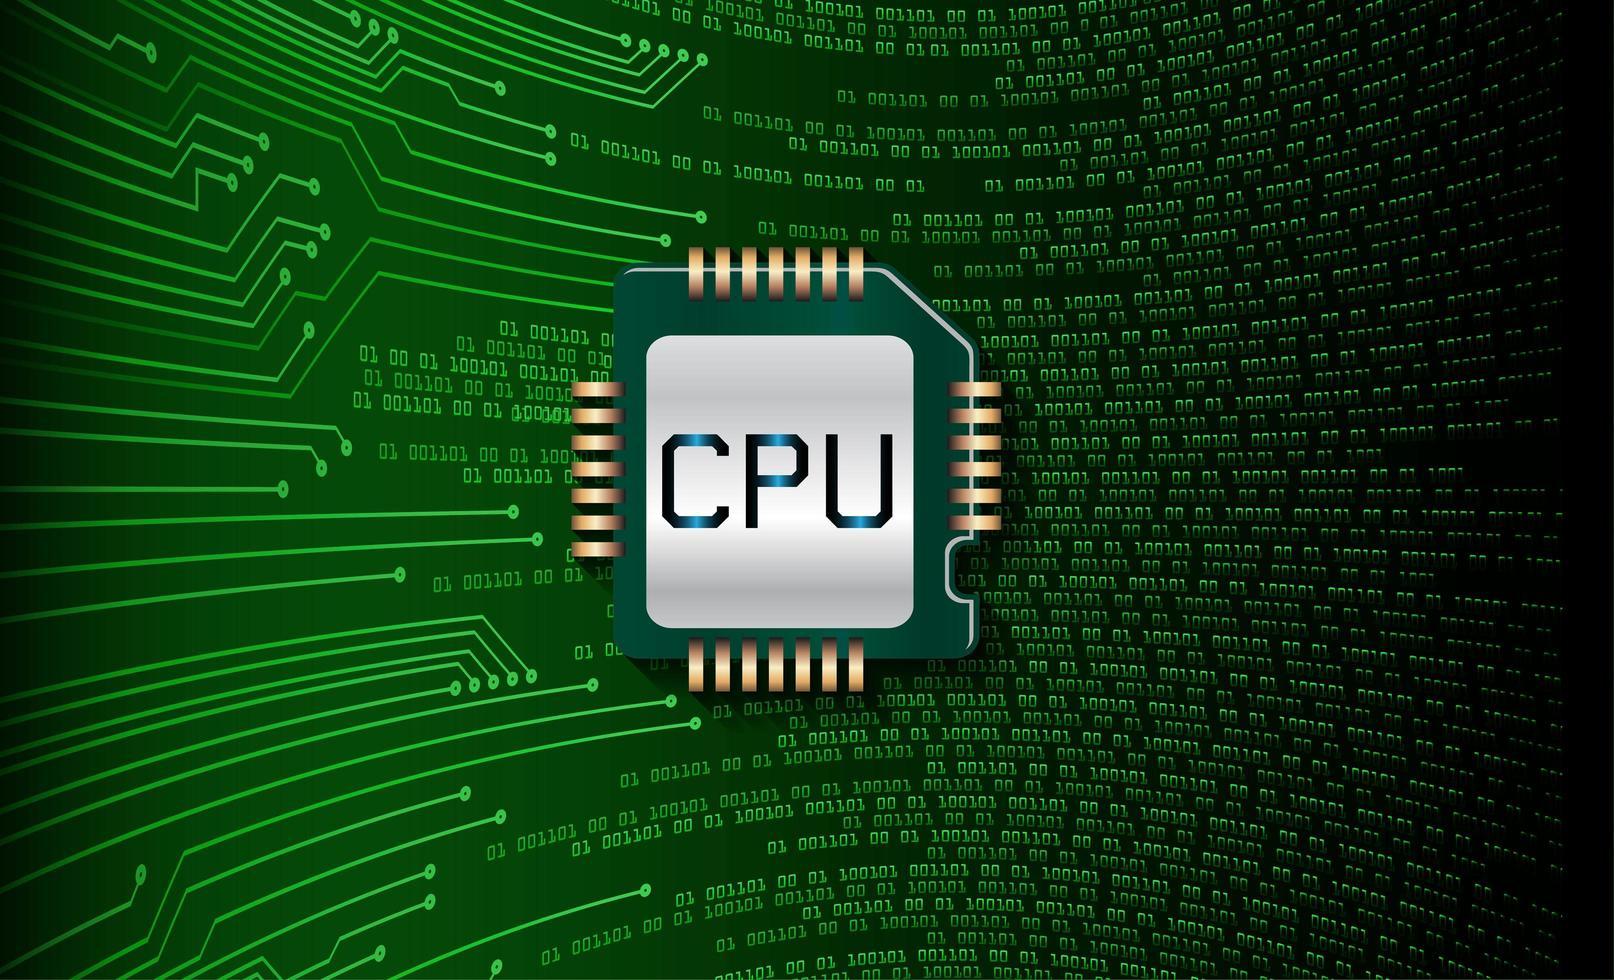 grüner CPU-Schaltungskonzepthintergrund vektor